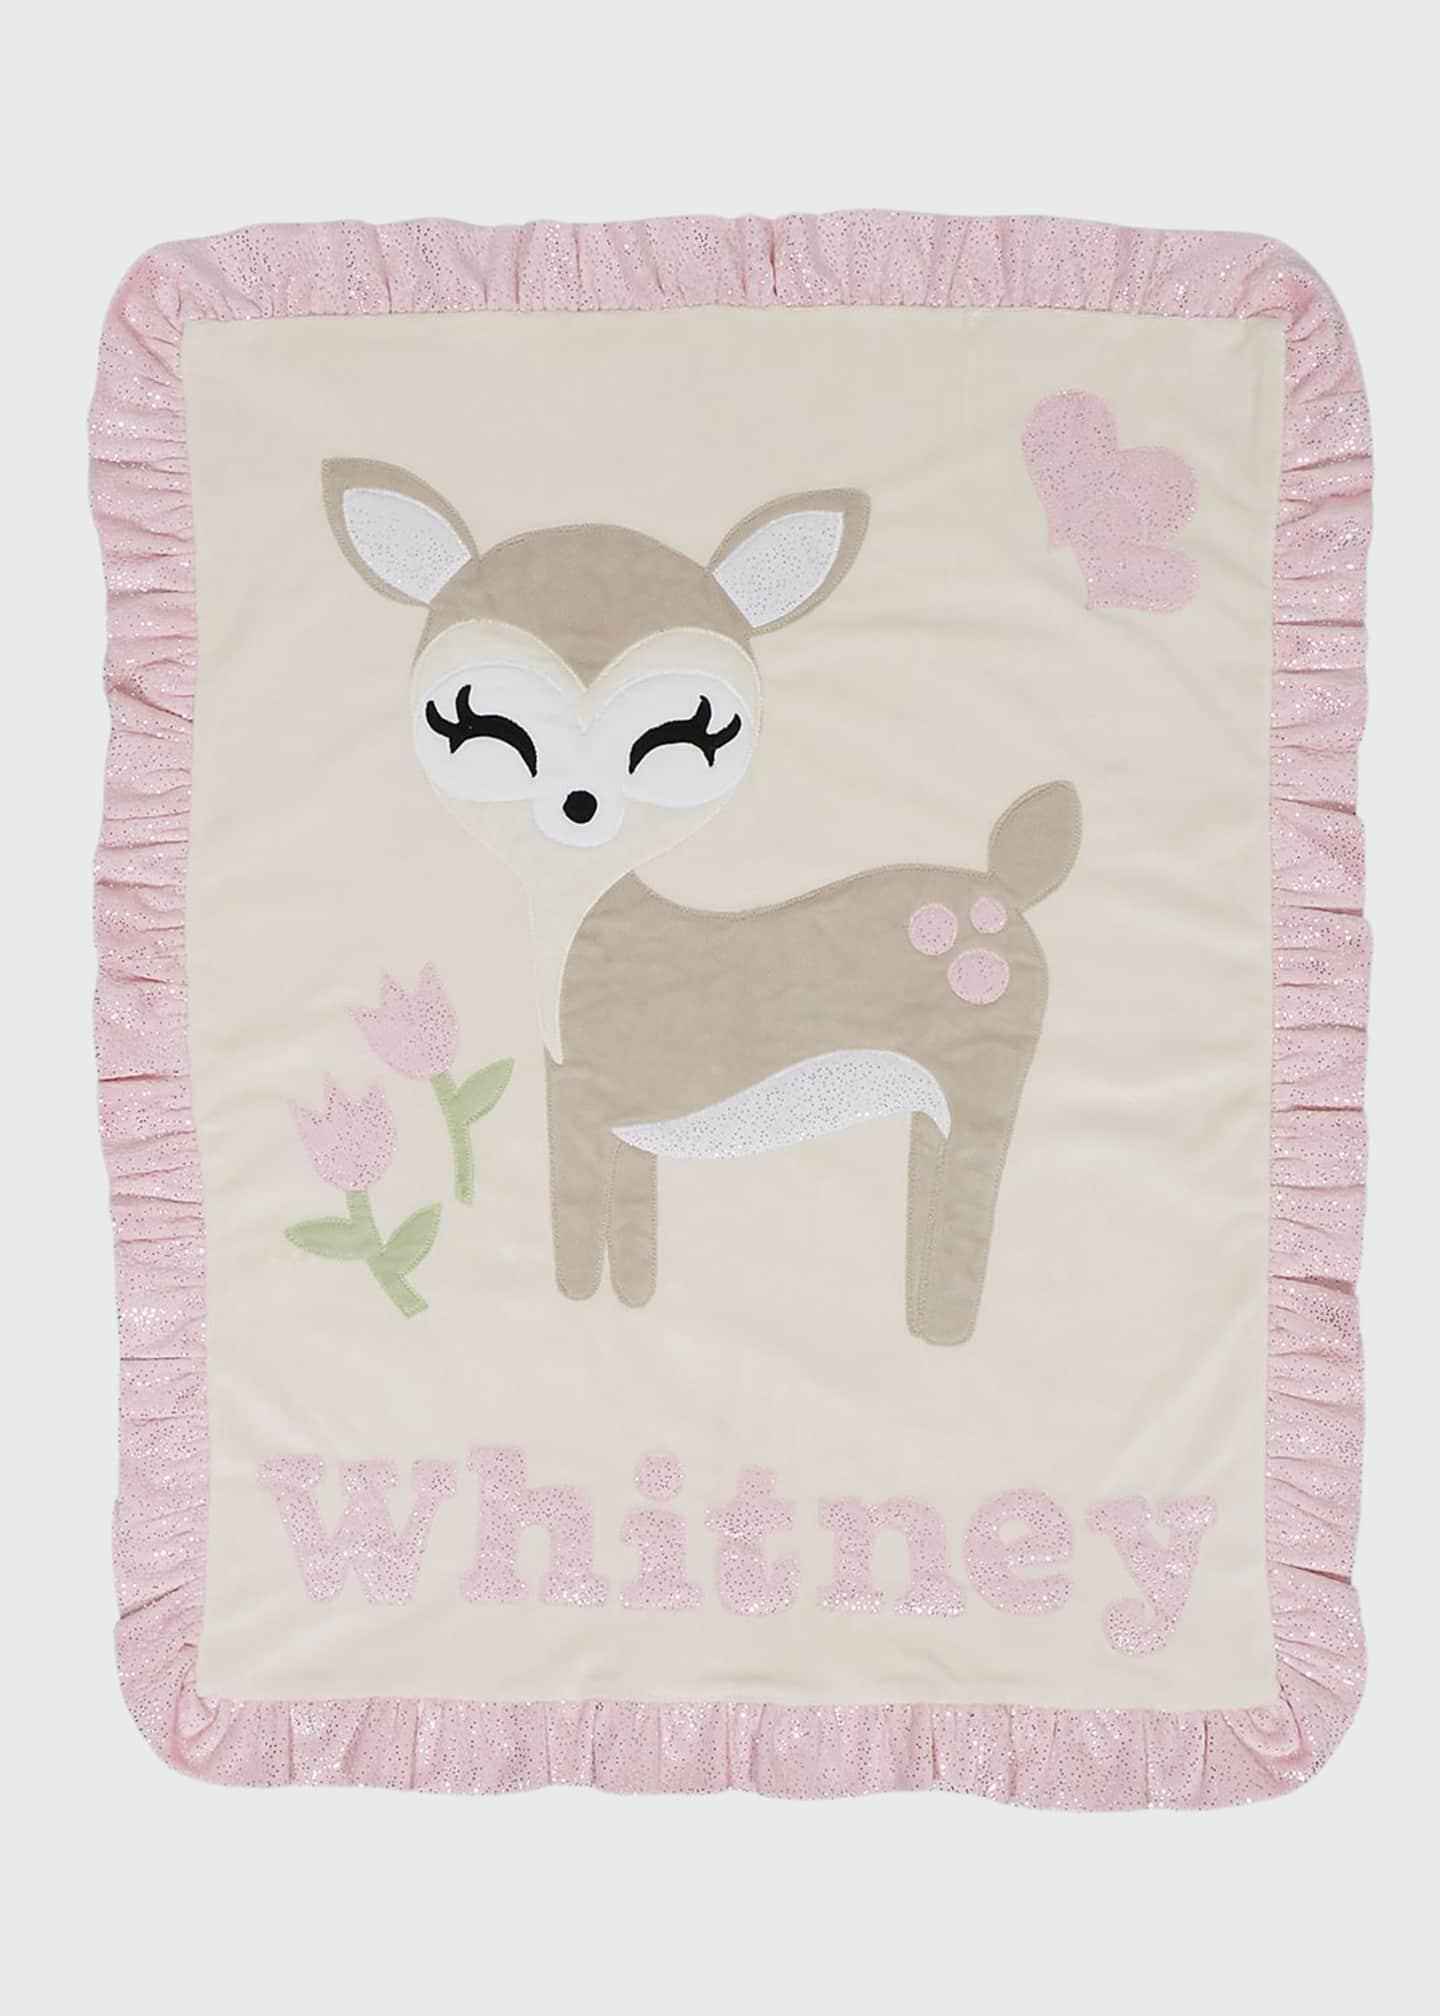 Boogie Baby Personalized Dearest Plush Blanket